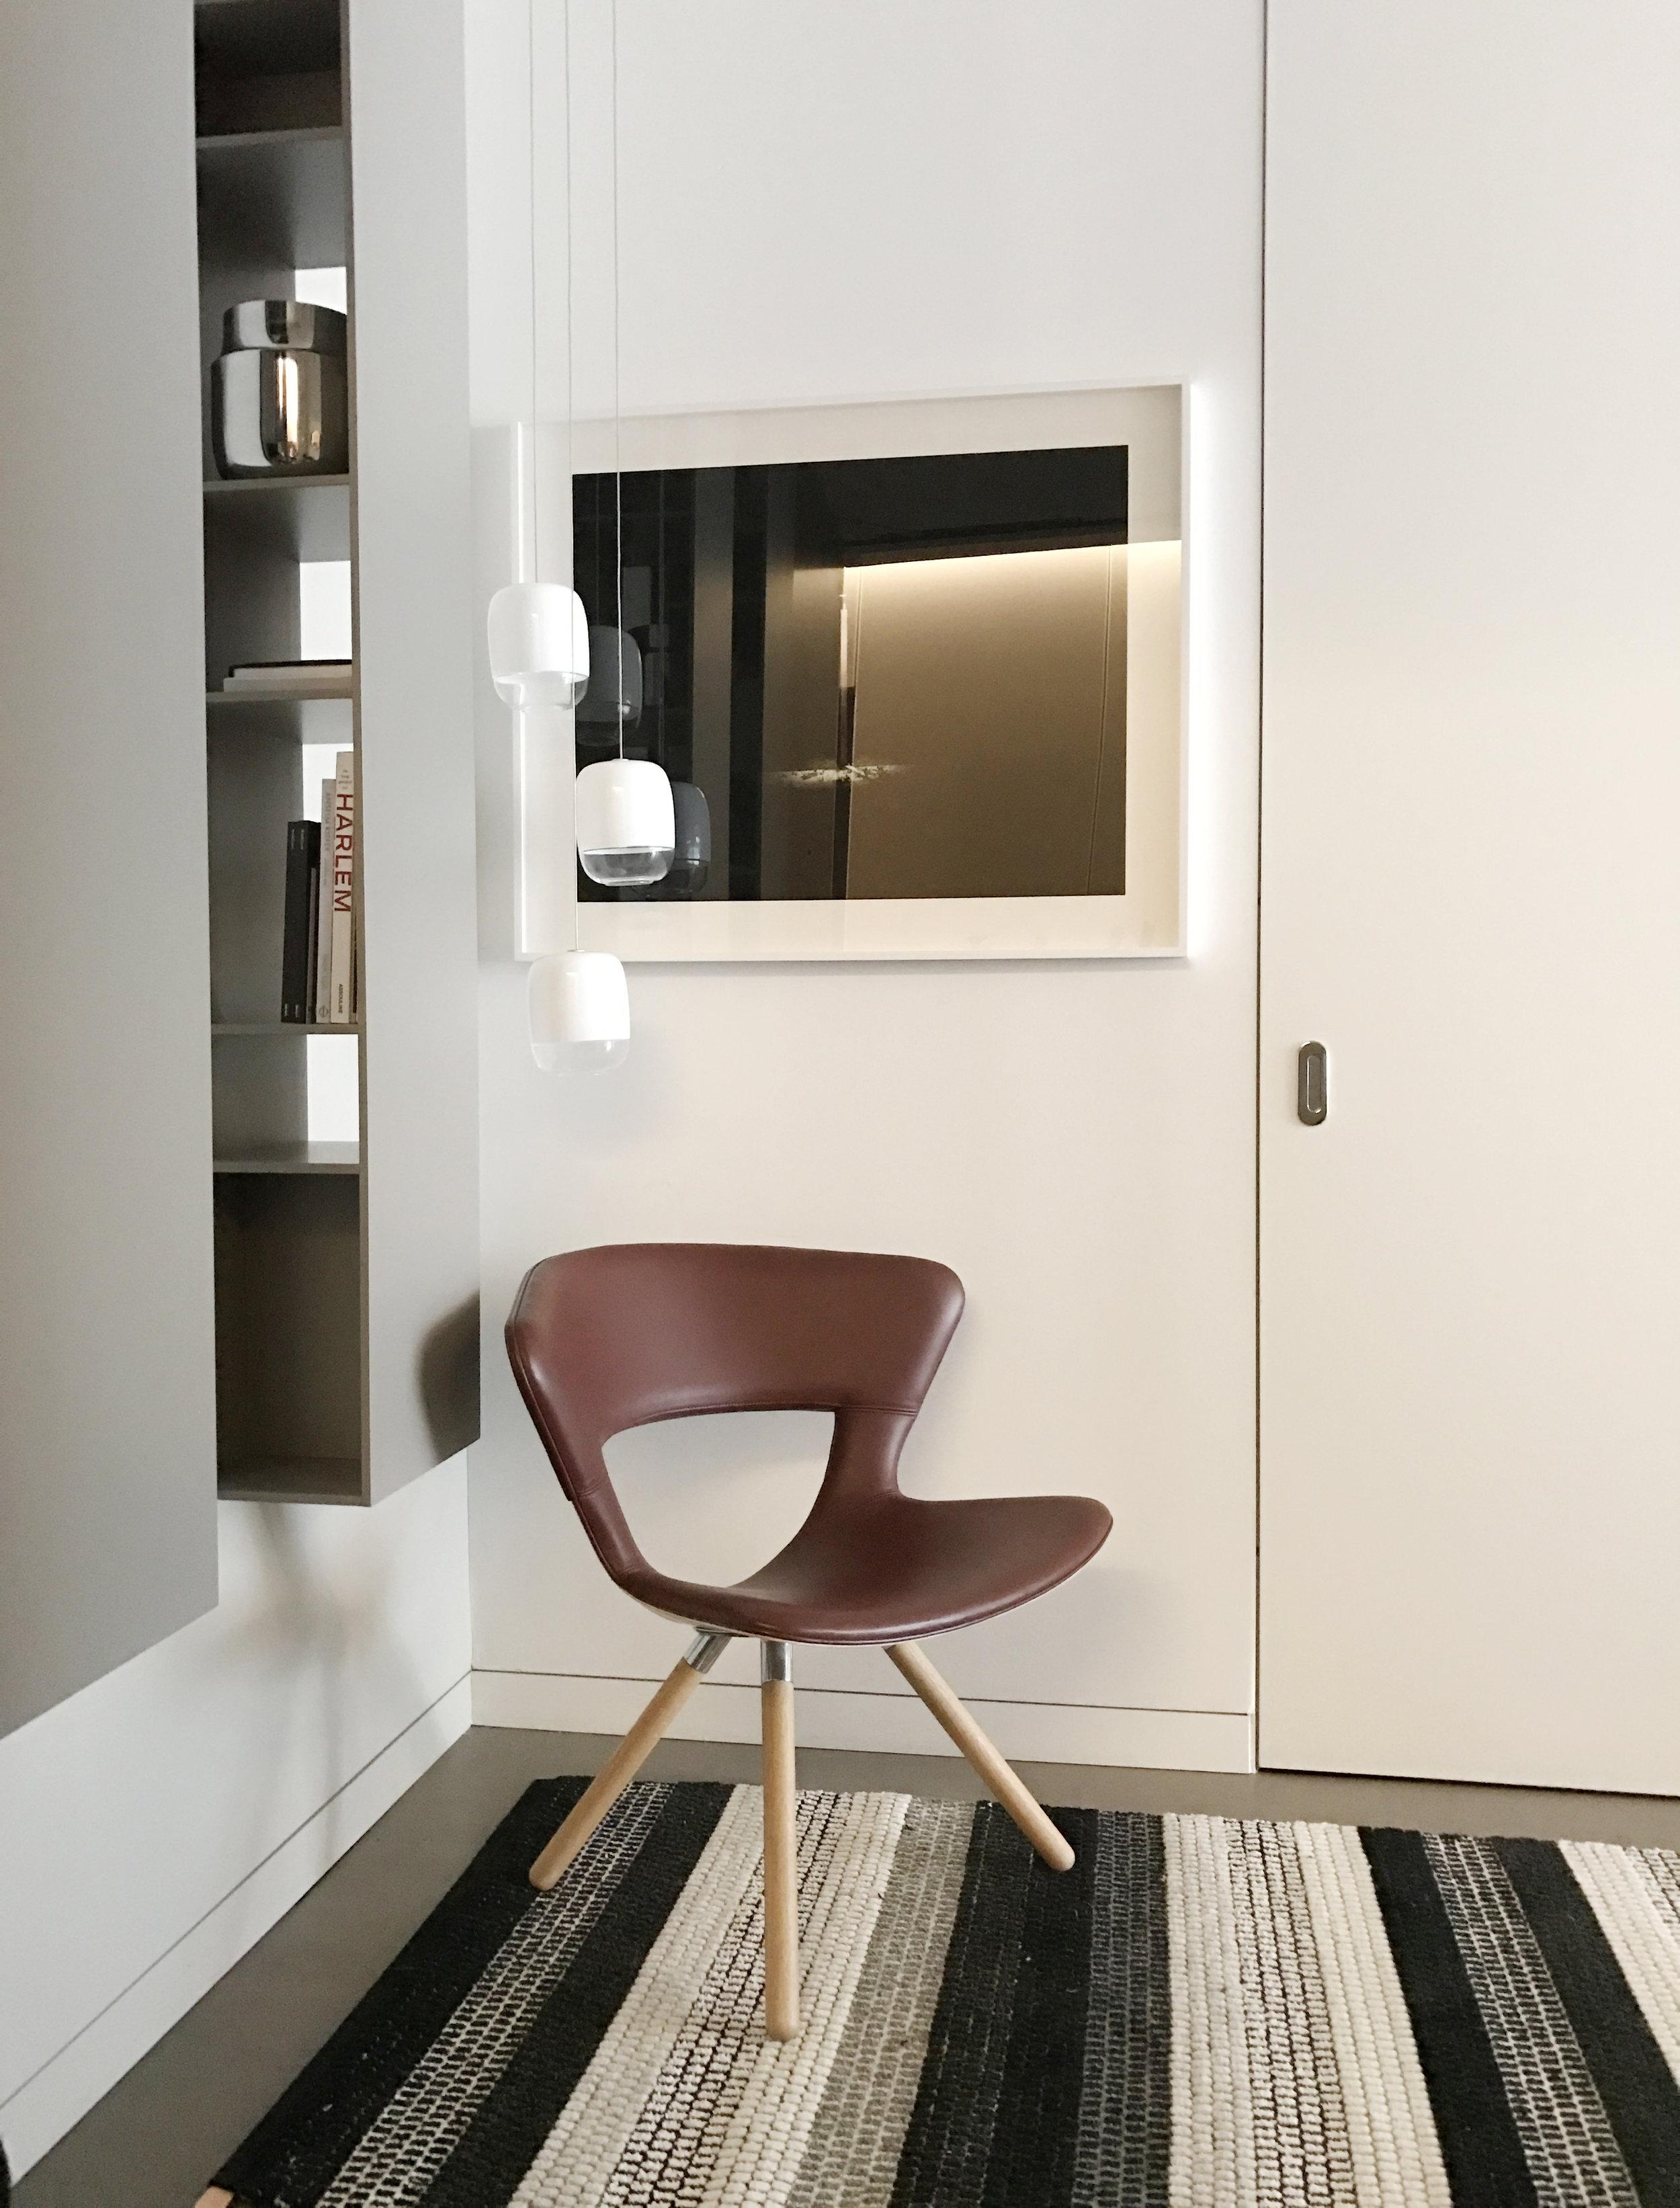 15.008 winter | New York, New York |Architect: Zahah Hadid |Interior Design: West Chin